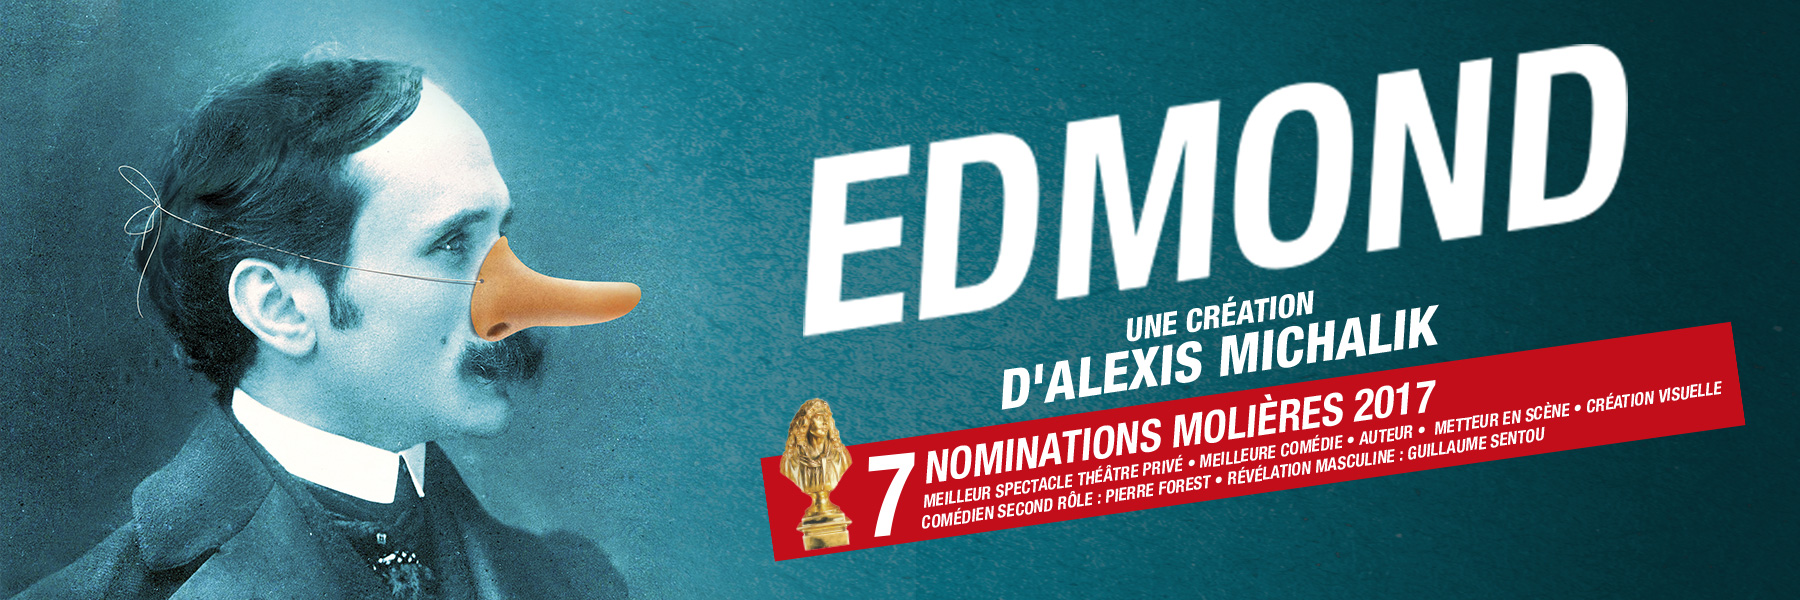 Edmond, la comédie au cinq Molières, à Montréal cet été